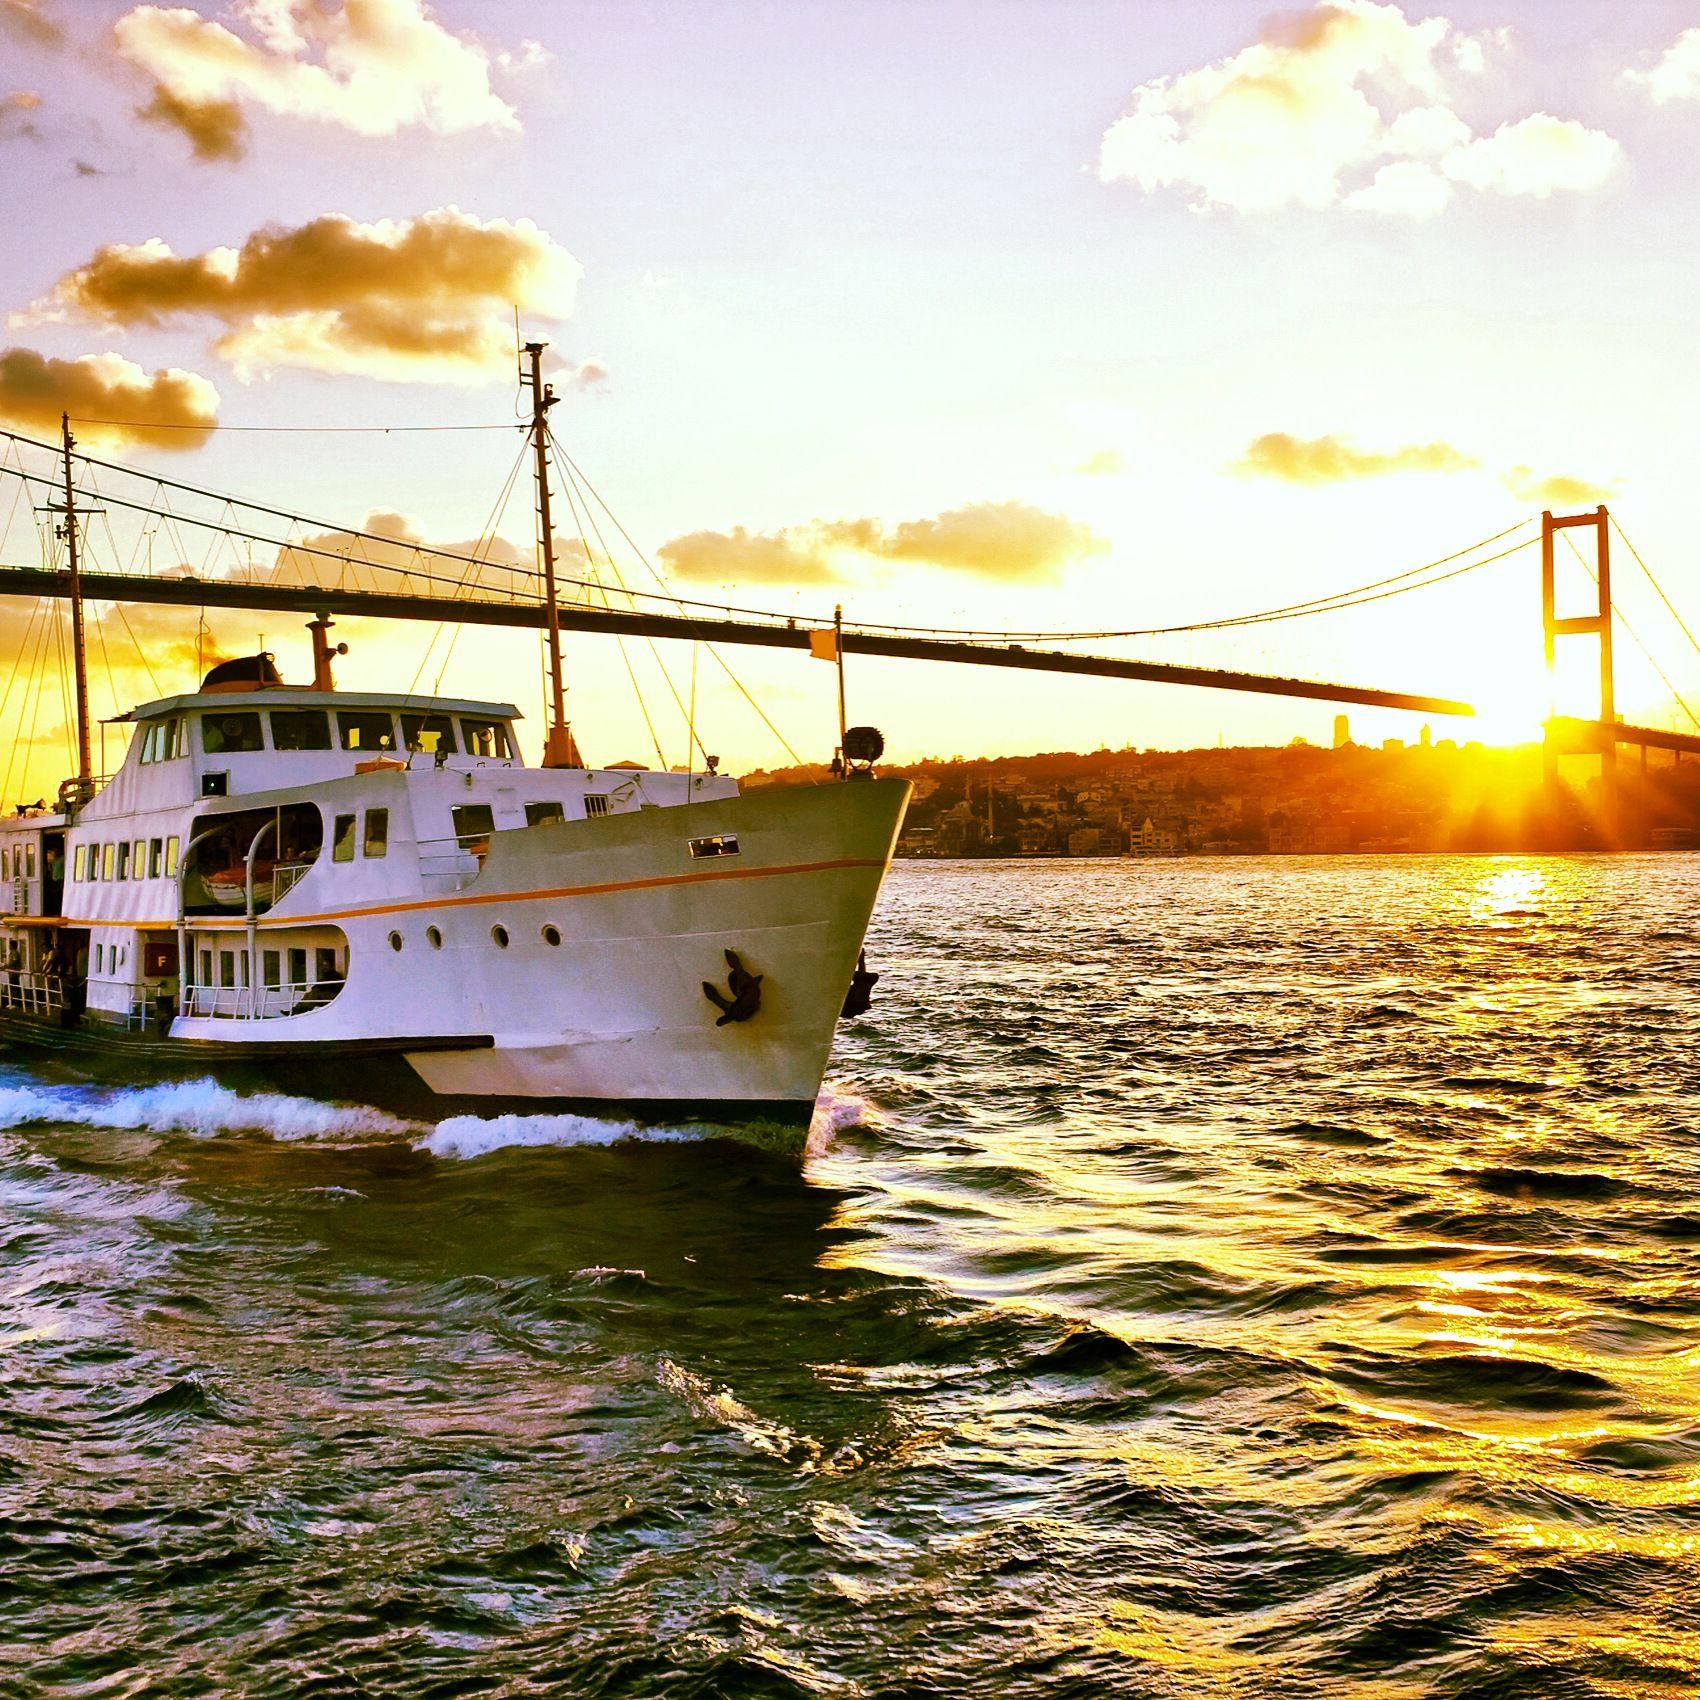 İstanbul'dan günaydın…  İstanbul'a bugün 27° / 19° derece parçalı bulutlu bir hava hakim olacak. Şehirde iyi bir gün geçirmeniz dileğiyle…  / Goodmorning from Istanbul…  Today Istanbul will be 27° / 19° partly cloudy. Hope you'll have a nice day in the city…